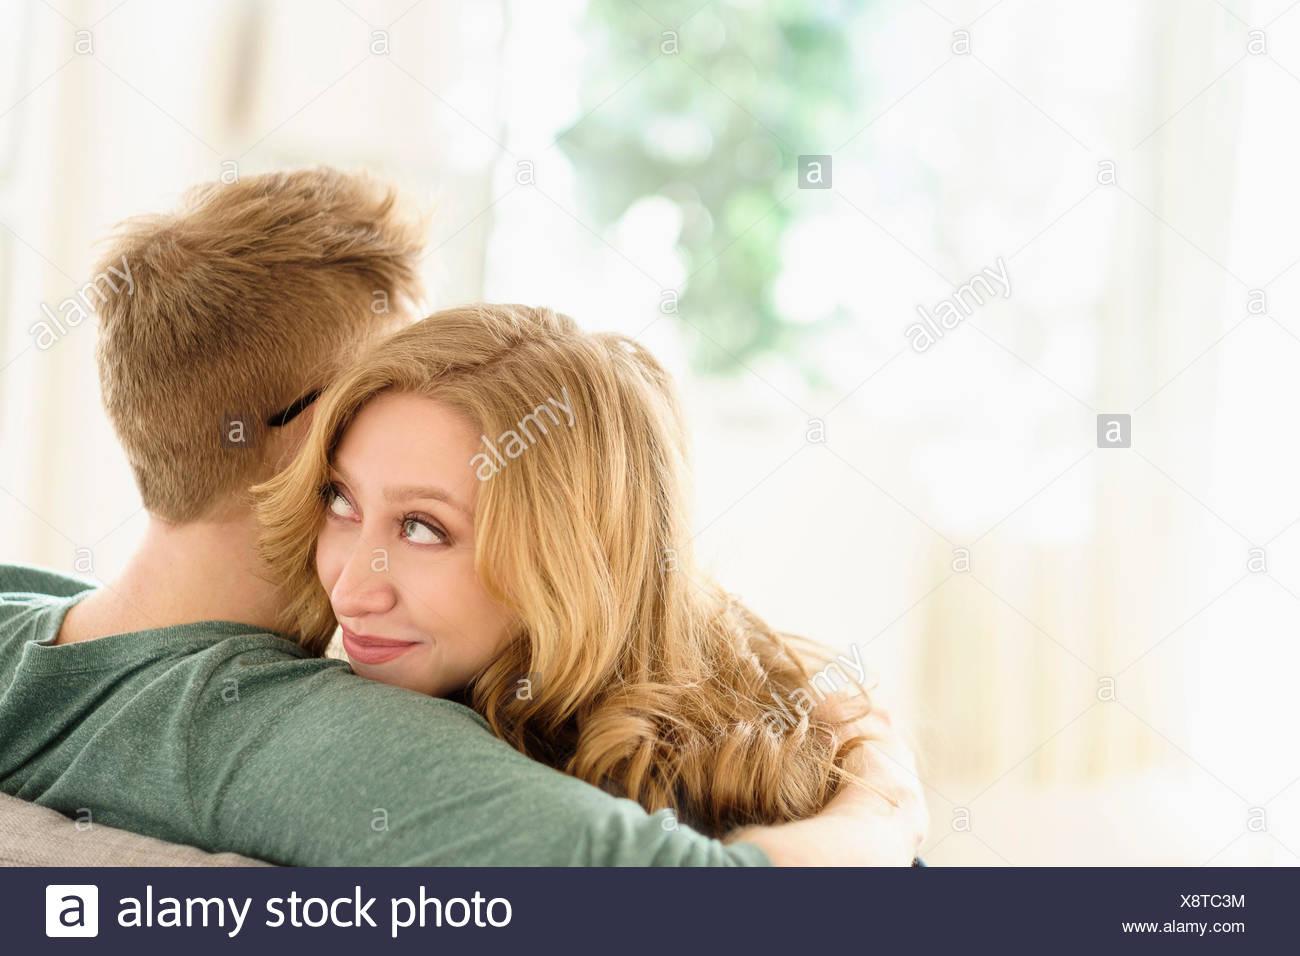 Jeune femme regardant par-dessus l'épaule de petit ami Photo Stock